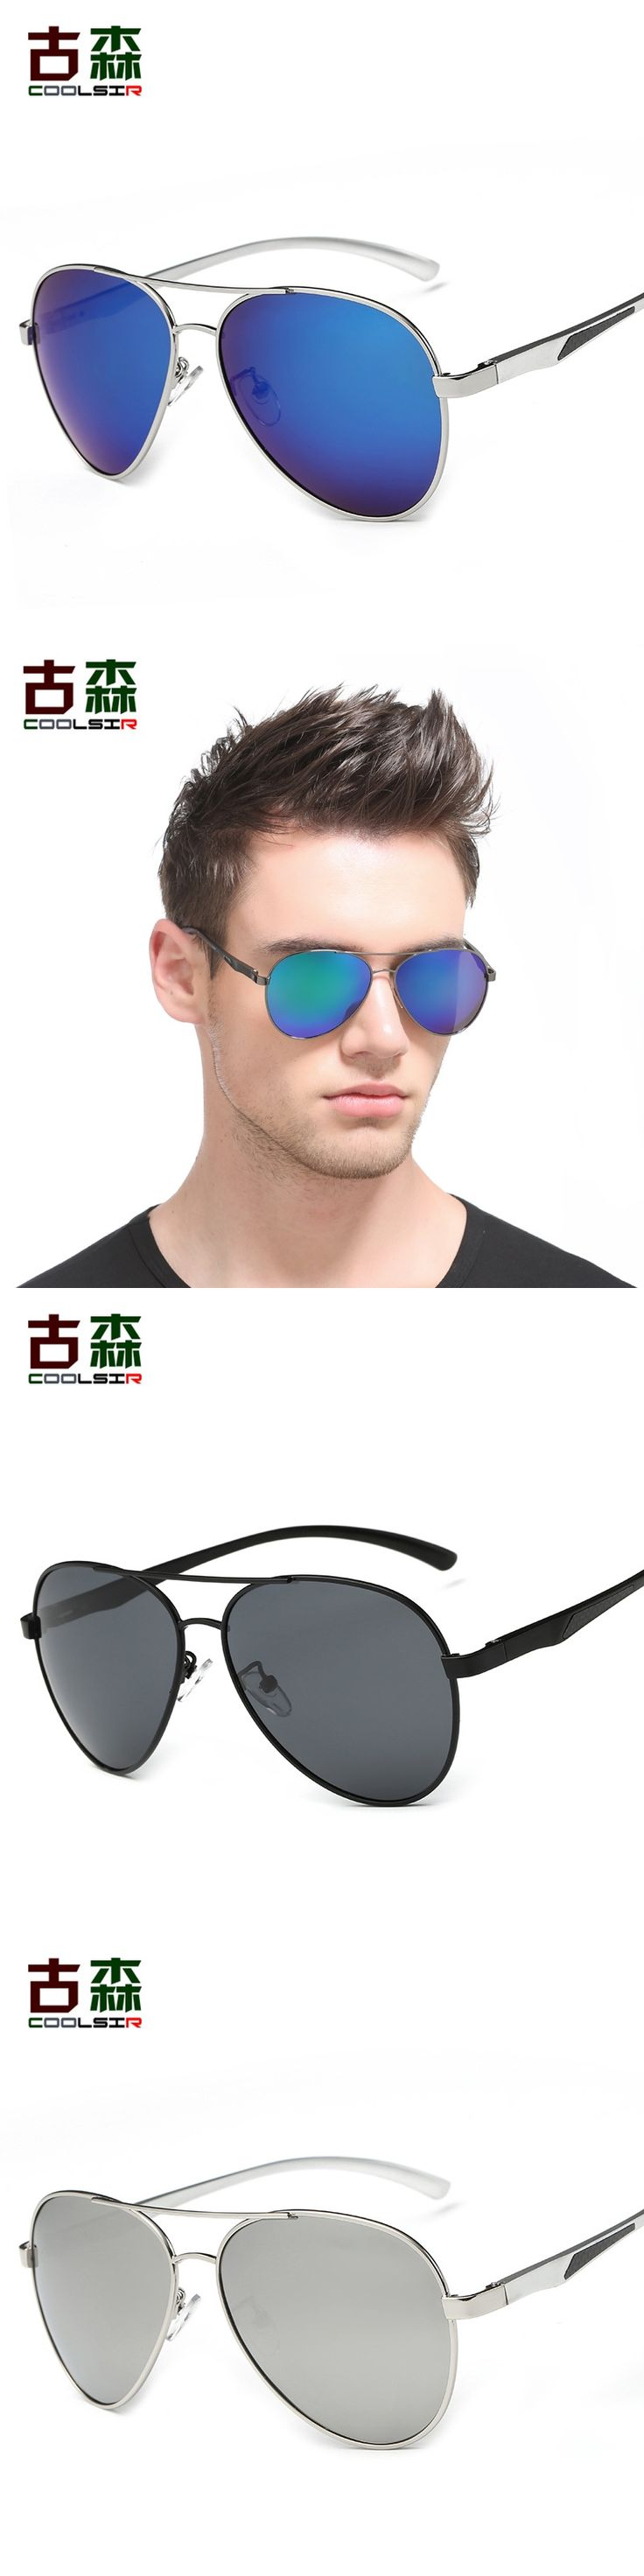 2017 COOLSIR new pilot light of the new pilot gafas DE sol mujer lentes DE sol hombre men and women's sunglasses 8026